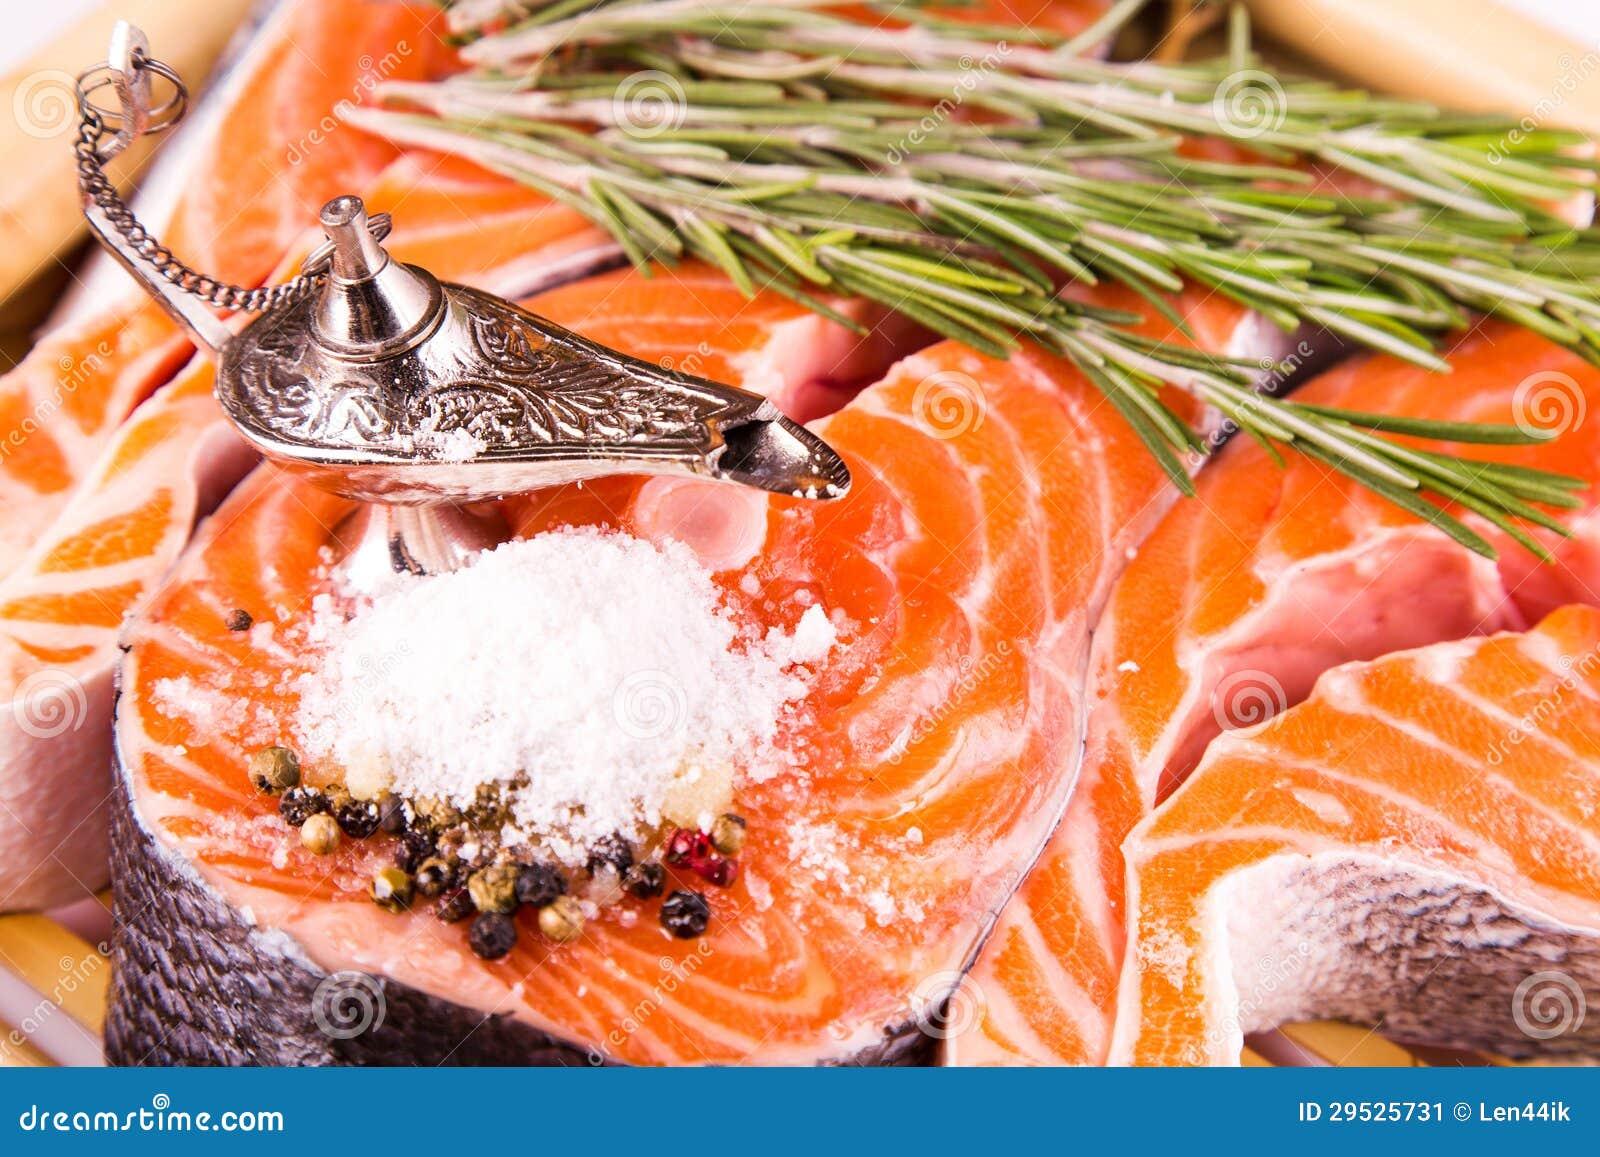 Bife salmon cru com rosemary em uma placa de bambu